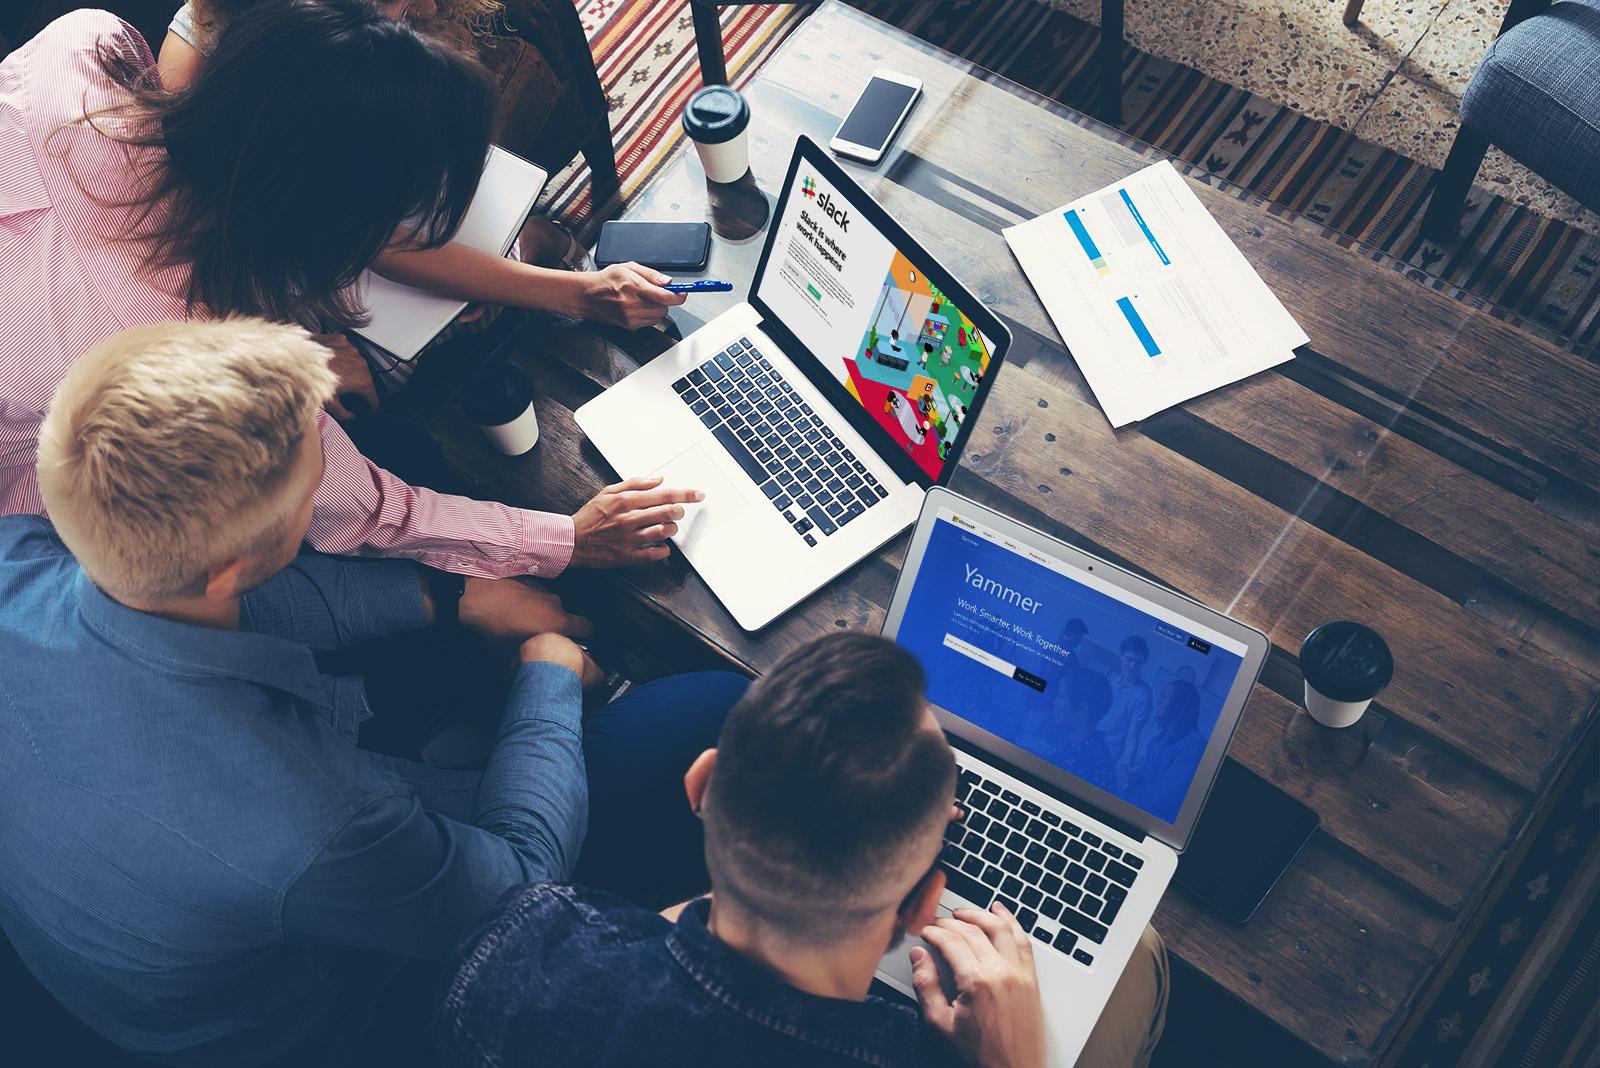 Schnell und transparent: wie Social-Network-Tools die interne Kommunikation verändern (Teil 1)